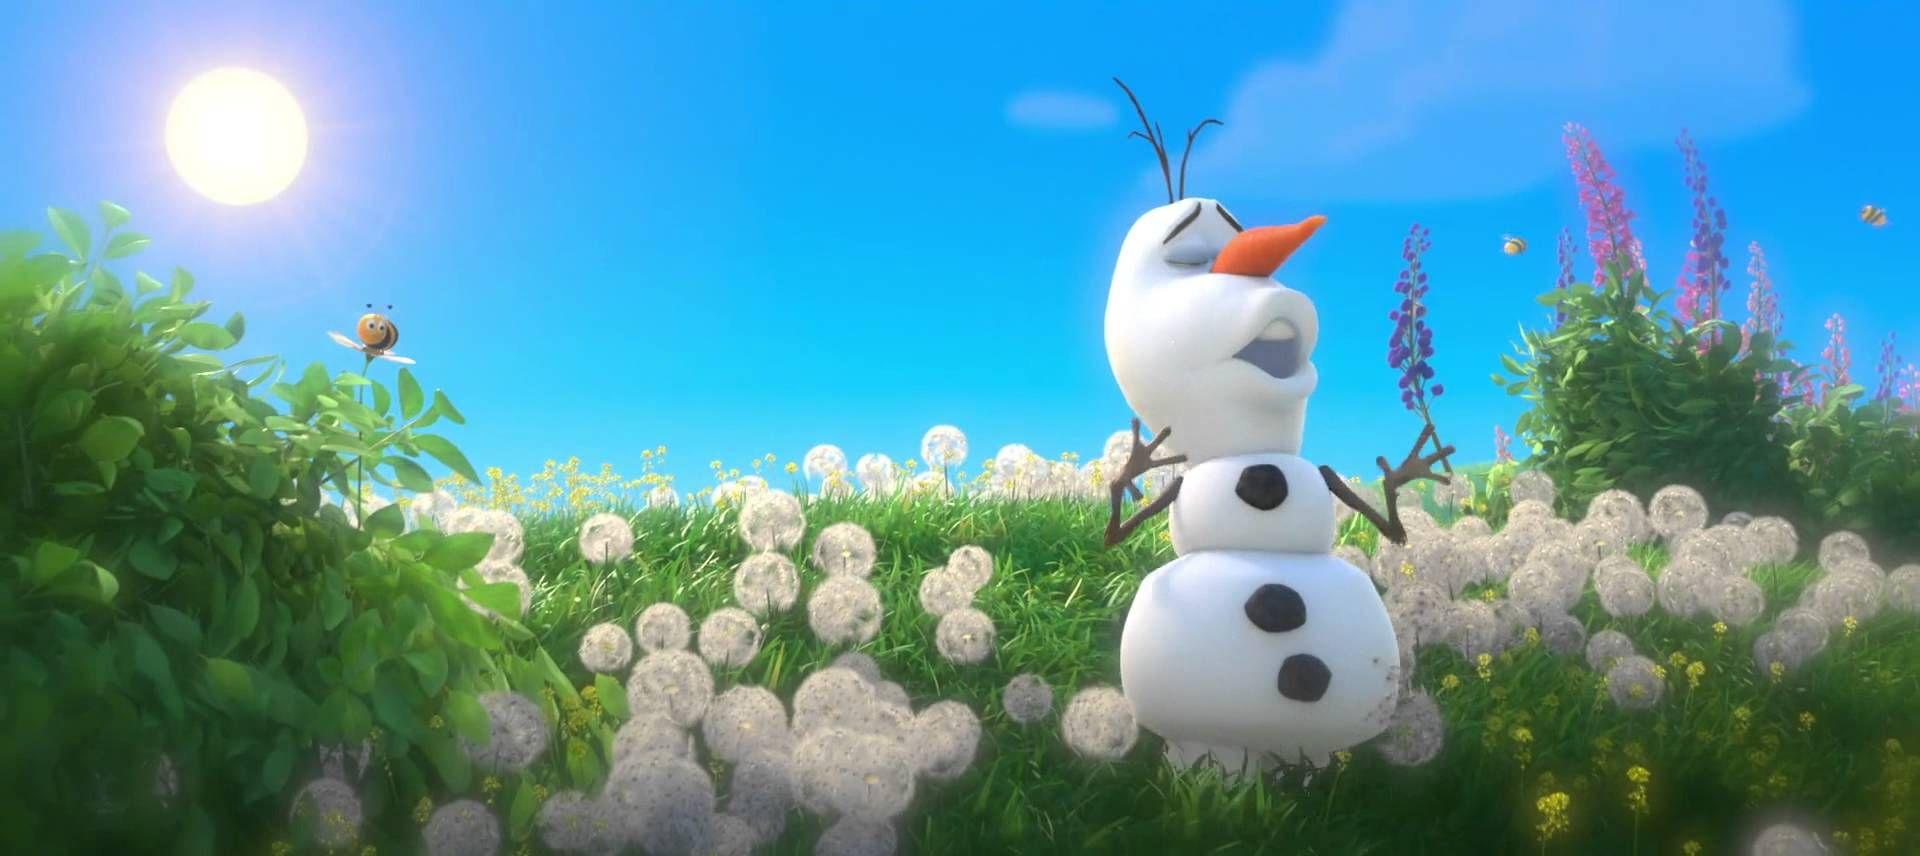 Olaf bonhomme de neige chante en t c 39 est un tel - Bonhomme de neige olaf ...